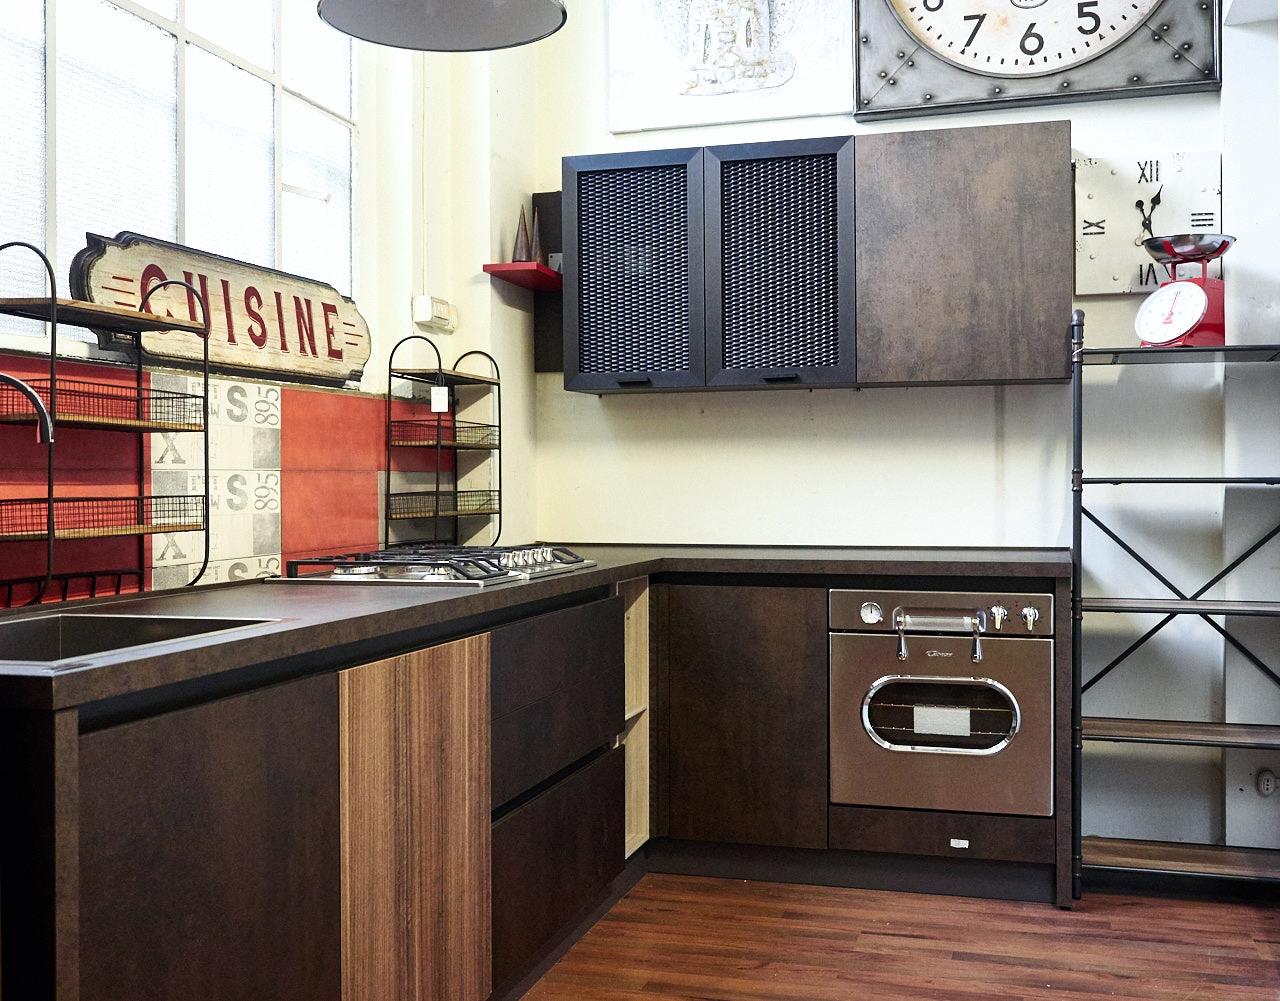 Cucina angolare industriale ossido bronzo e ferro in offerta outlet nuovimondi cucine a prezzi - Pensile angolare cucina ...